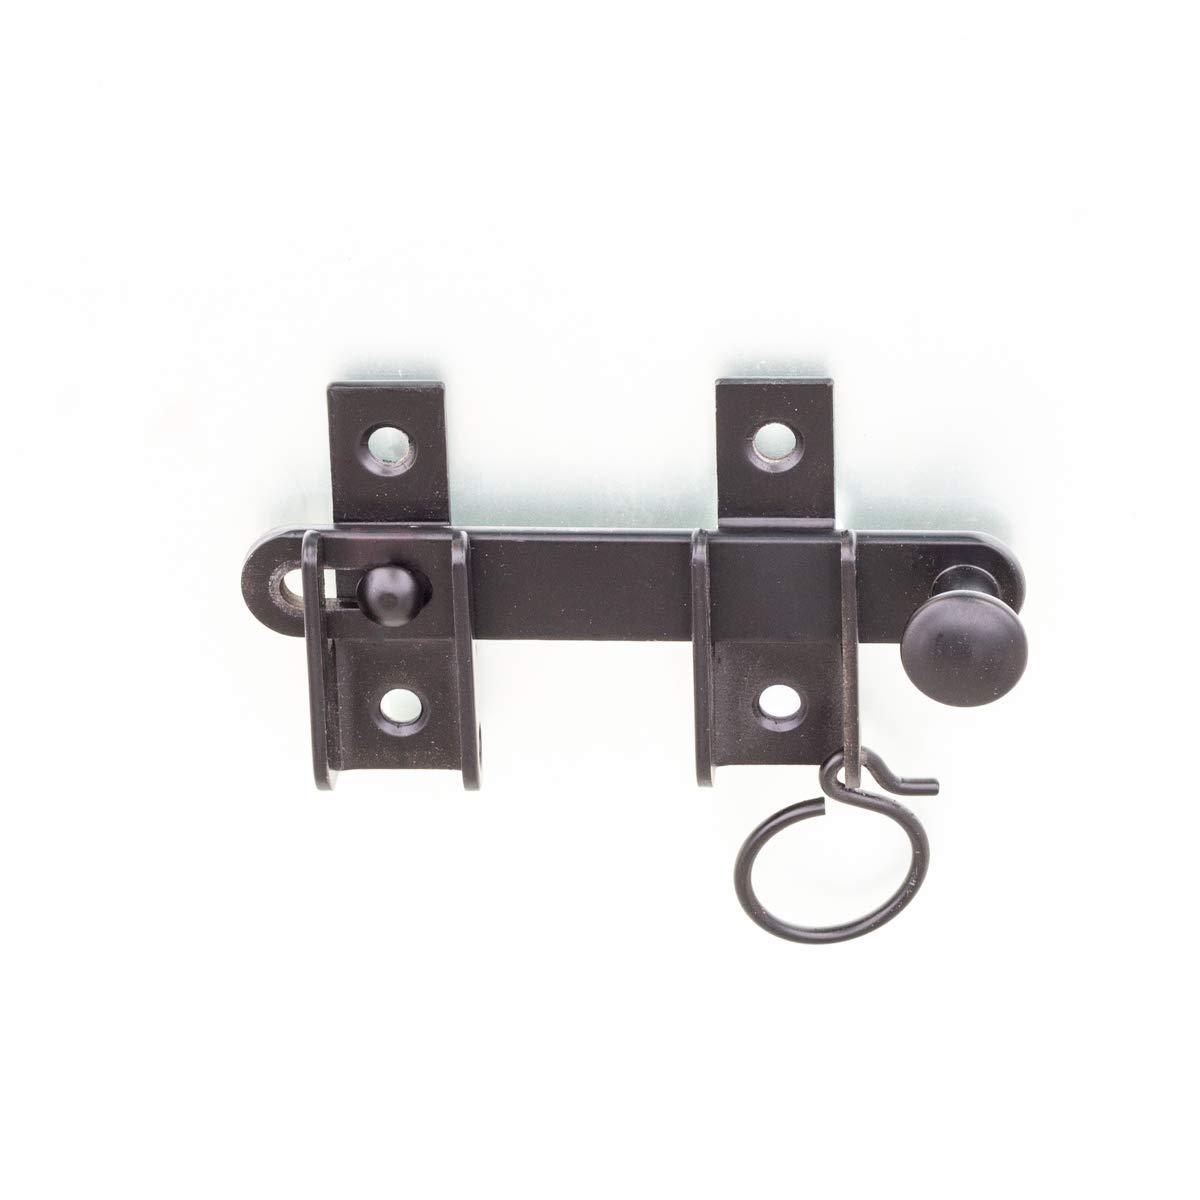 Antikas - cerrojo contraventana puerta - cerrojo de como cierre puerta - cerrojo de hierro color negro